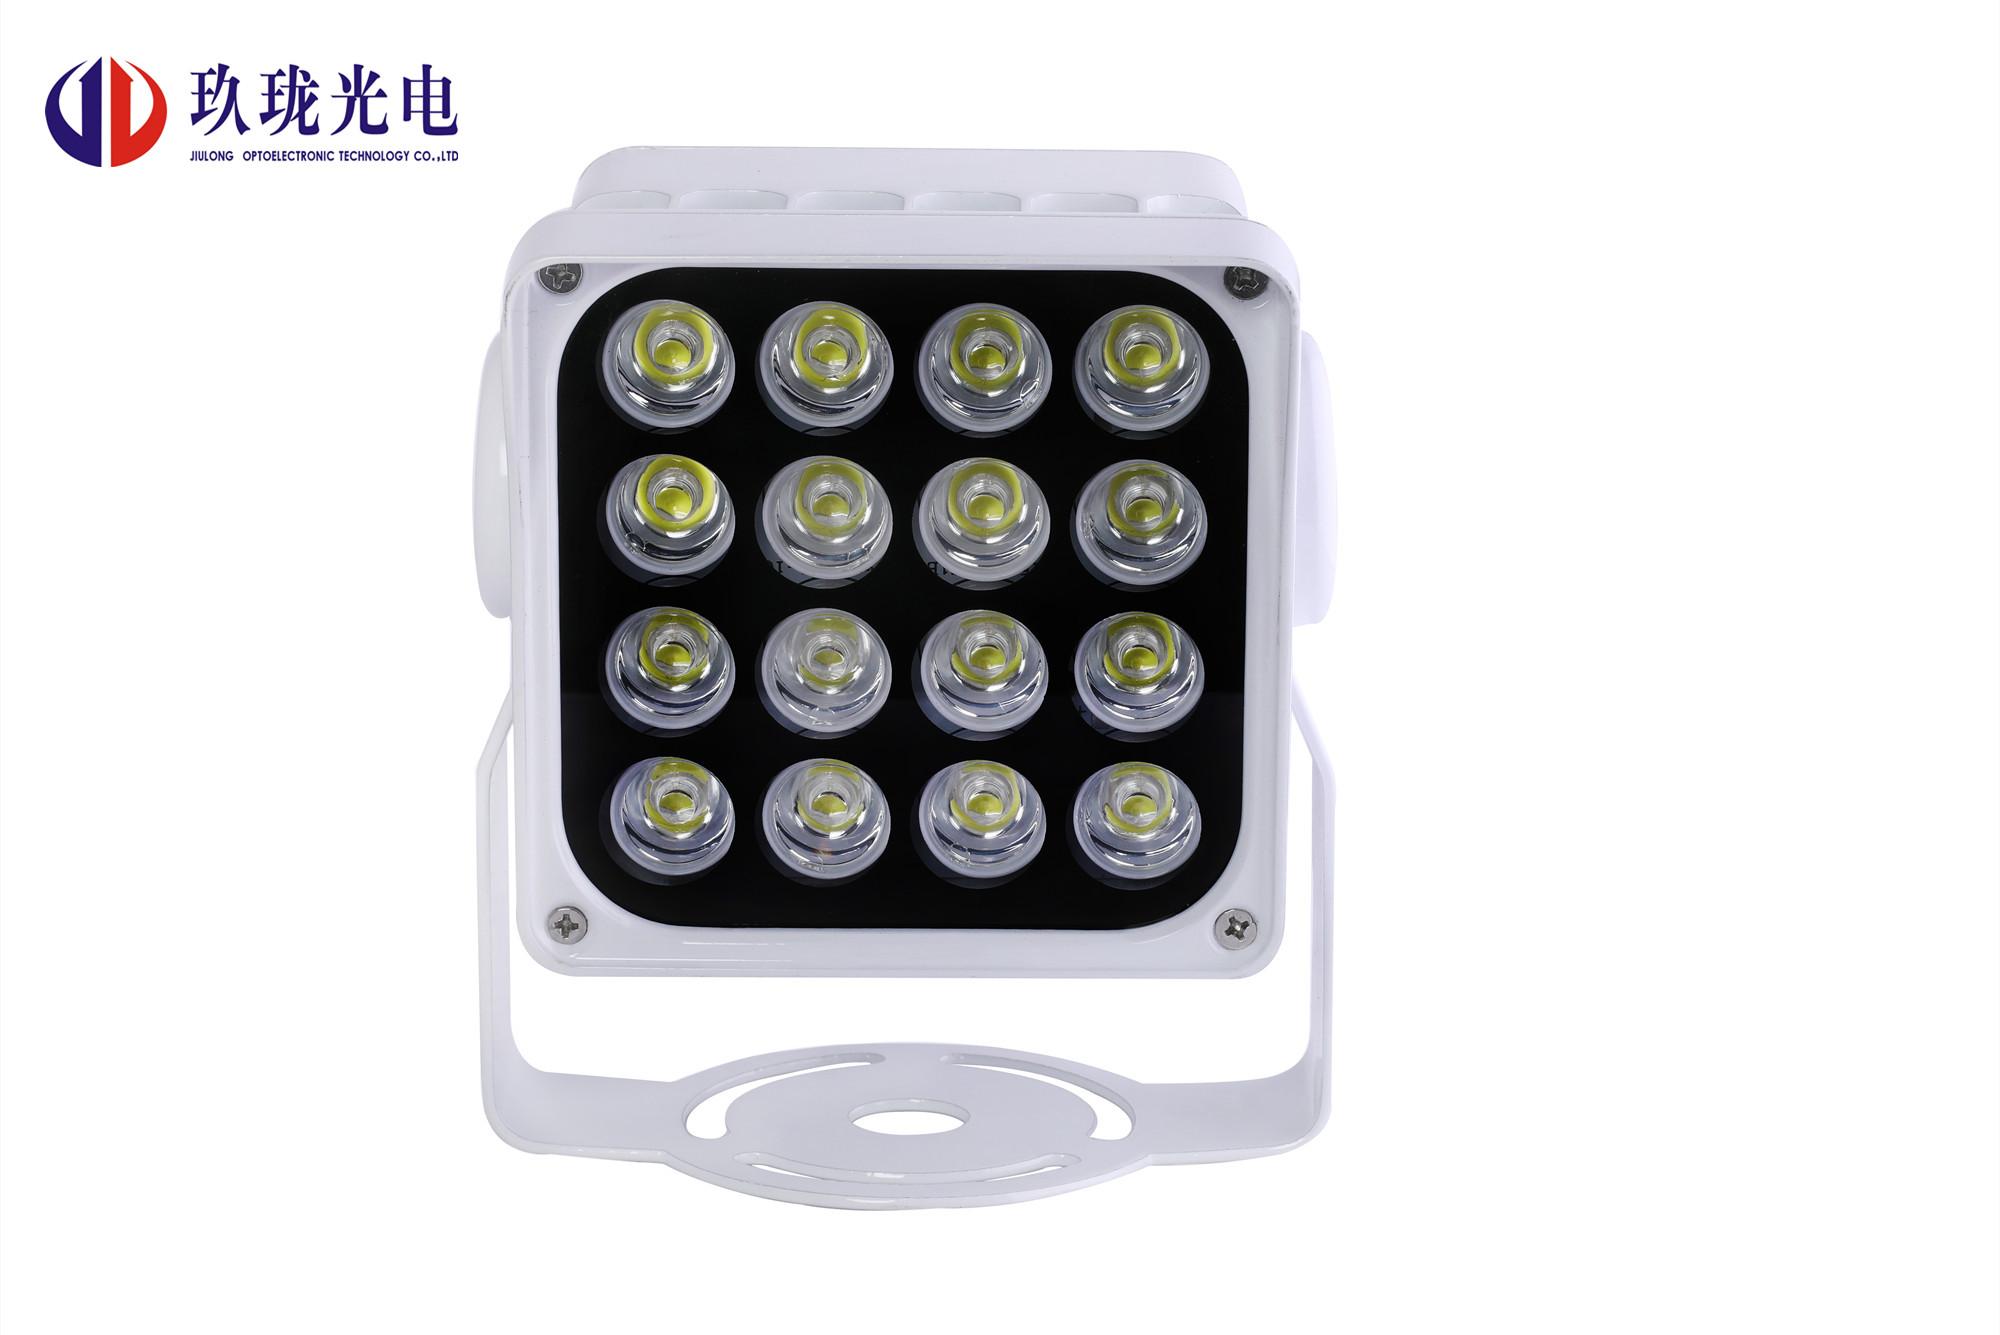 道路监控LED常亮补光灯JL-K16C